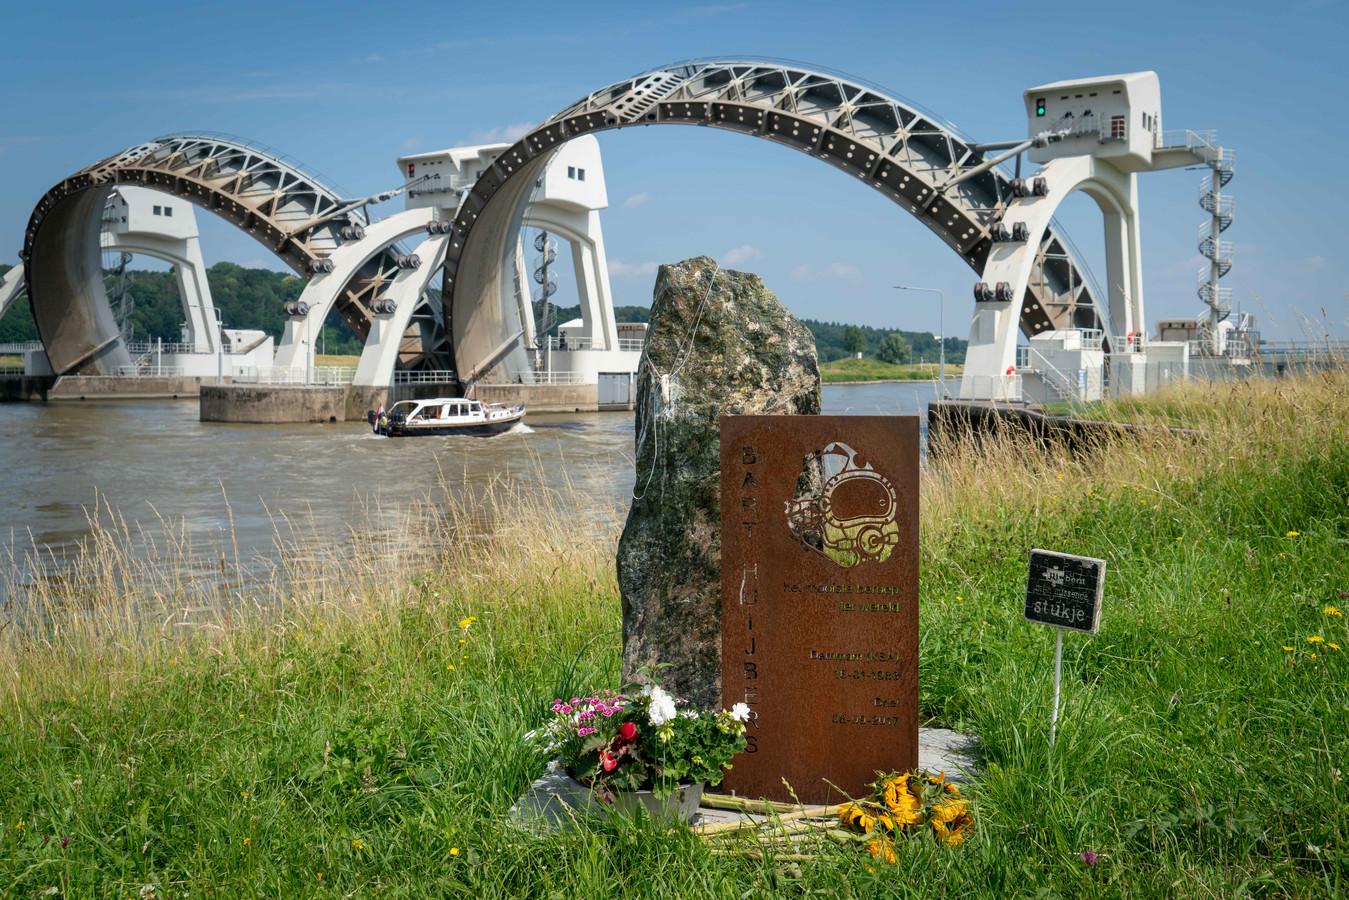 Bij het stuwencomplex in Driel  - ook wel aangeduid als 'de kraan van Nederland' - is een monument opgericht ter nagedachtenis aan Bart Huijbers uit Gemert.